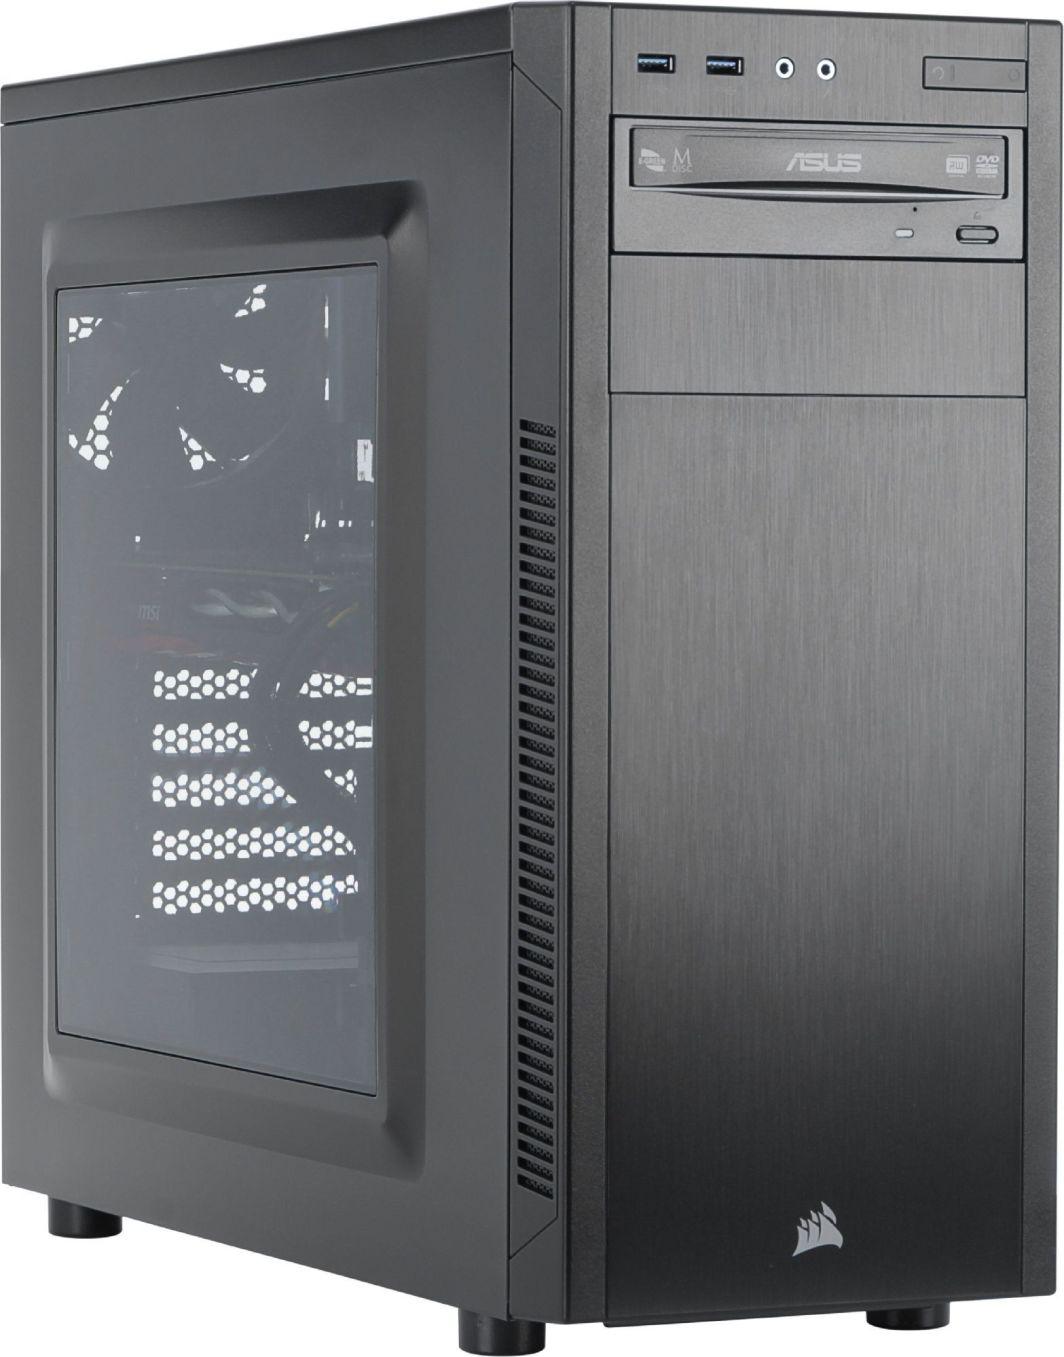 Komputer Elite Boosted Ryzen 5 1600, 8 GB, Radeon RX 580, 128 GB SSD 1 TB HDD  1